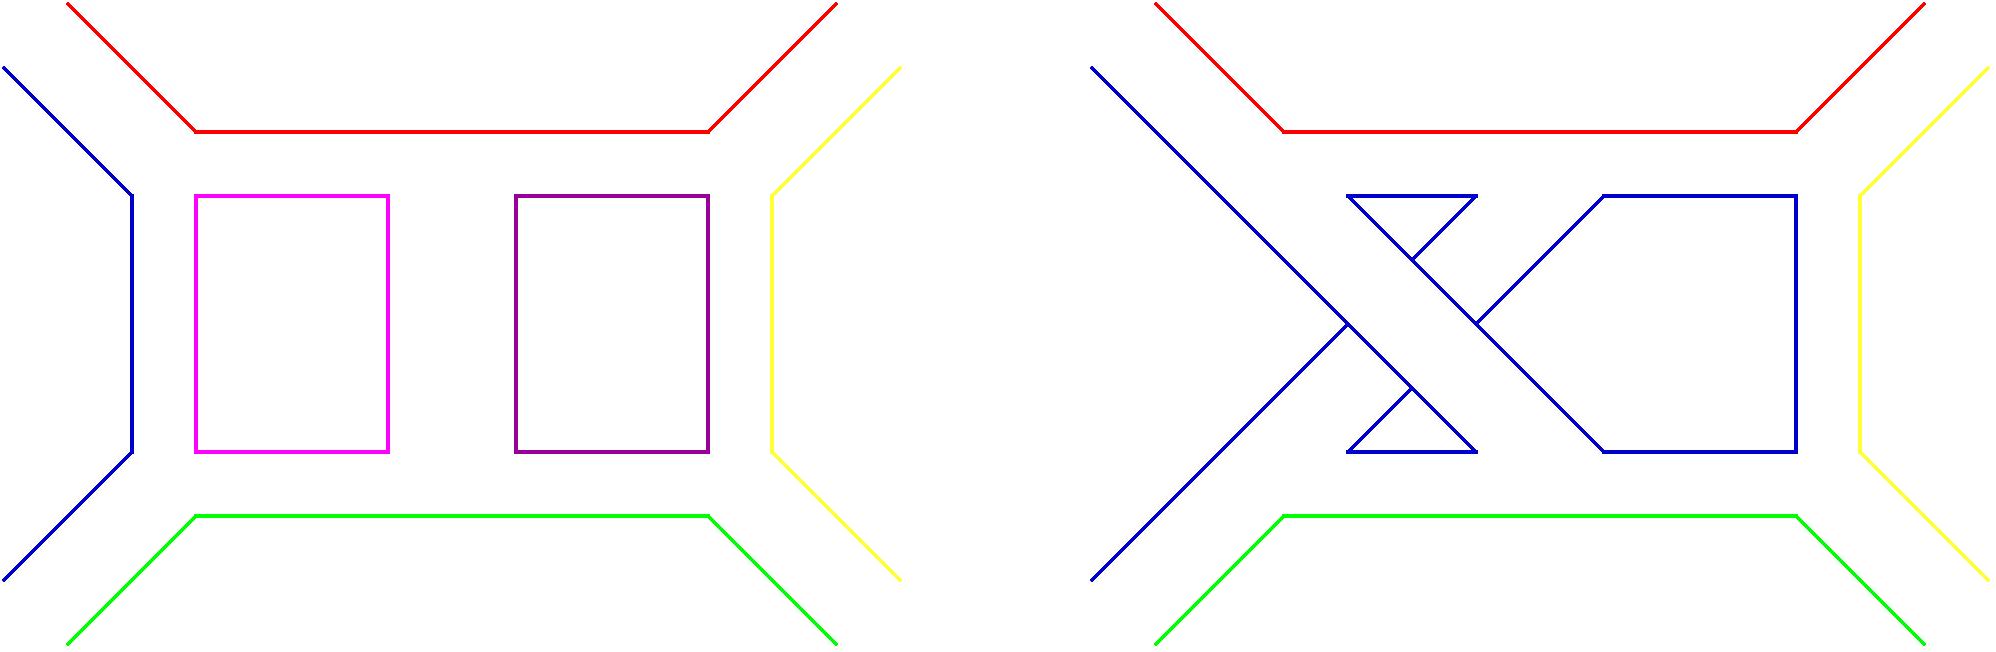 planarity3